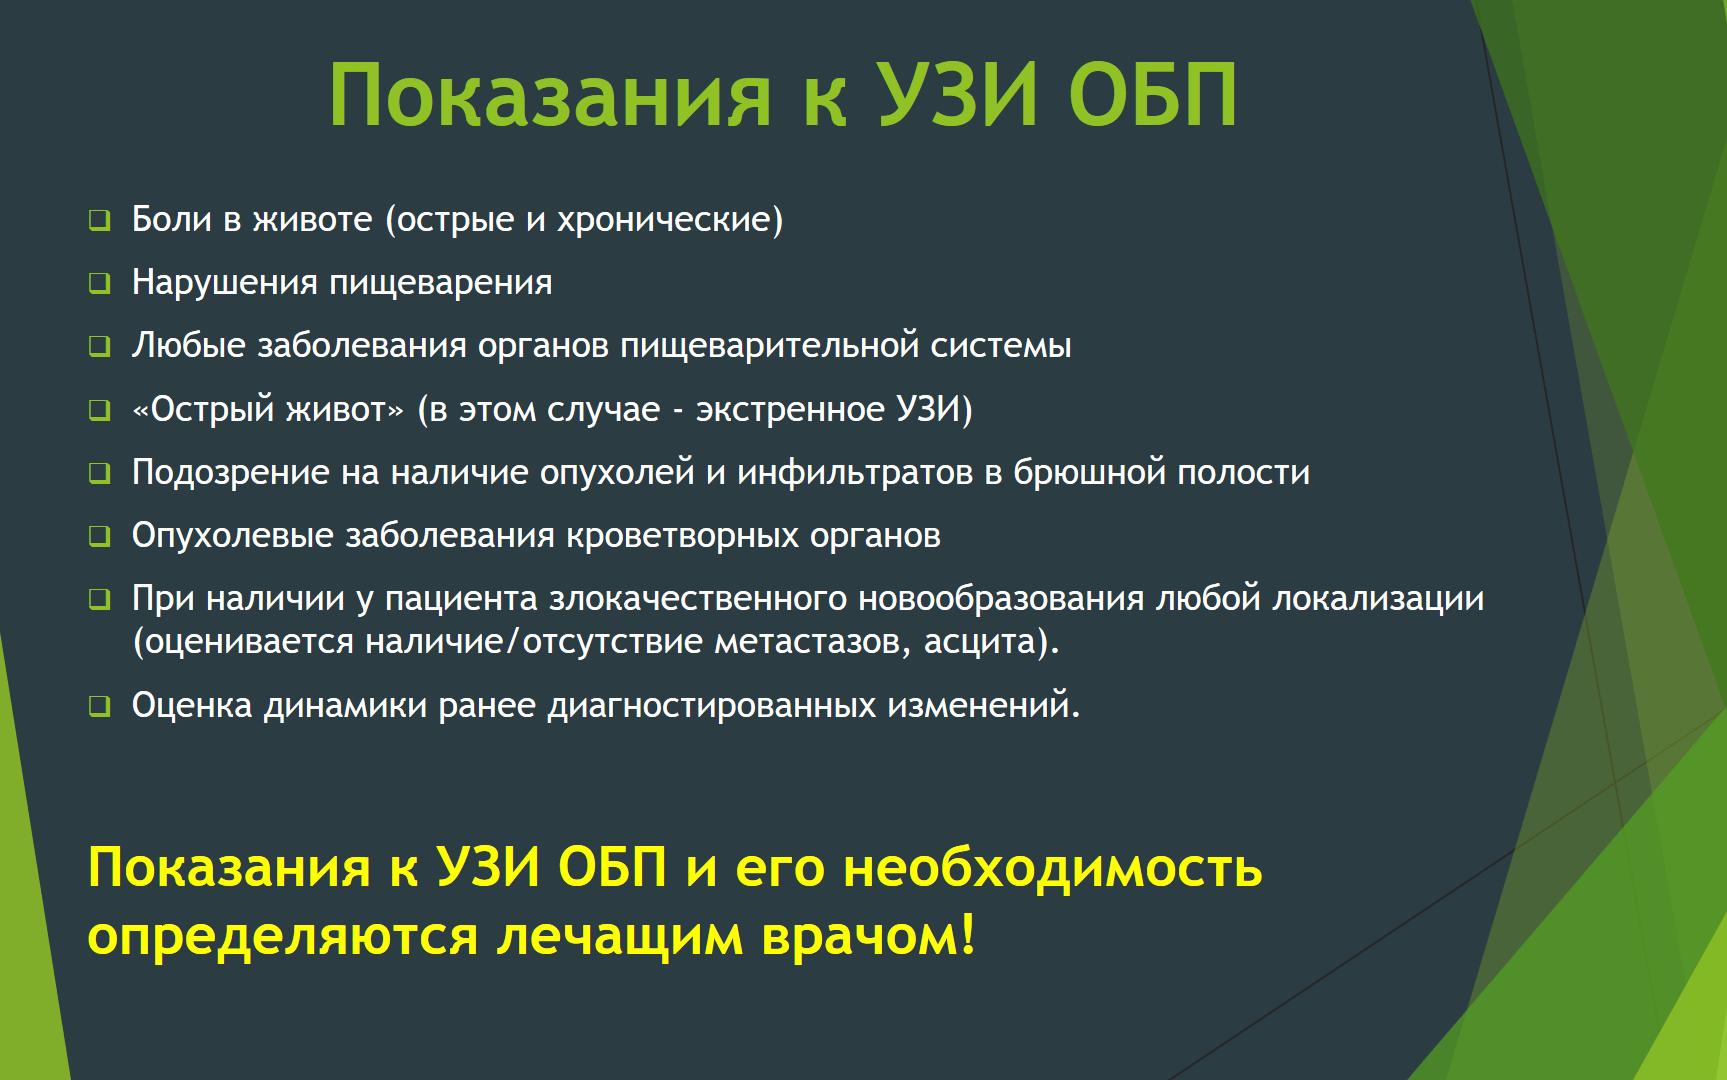 Показания к УЗИ ОБП